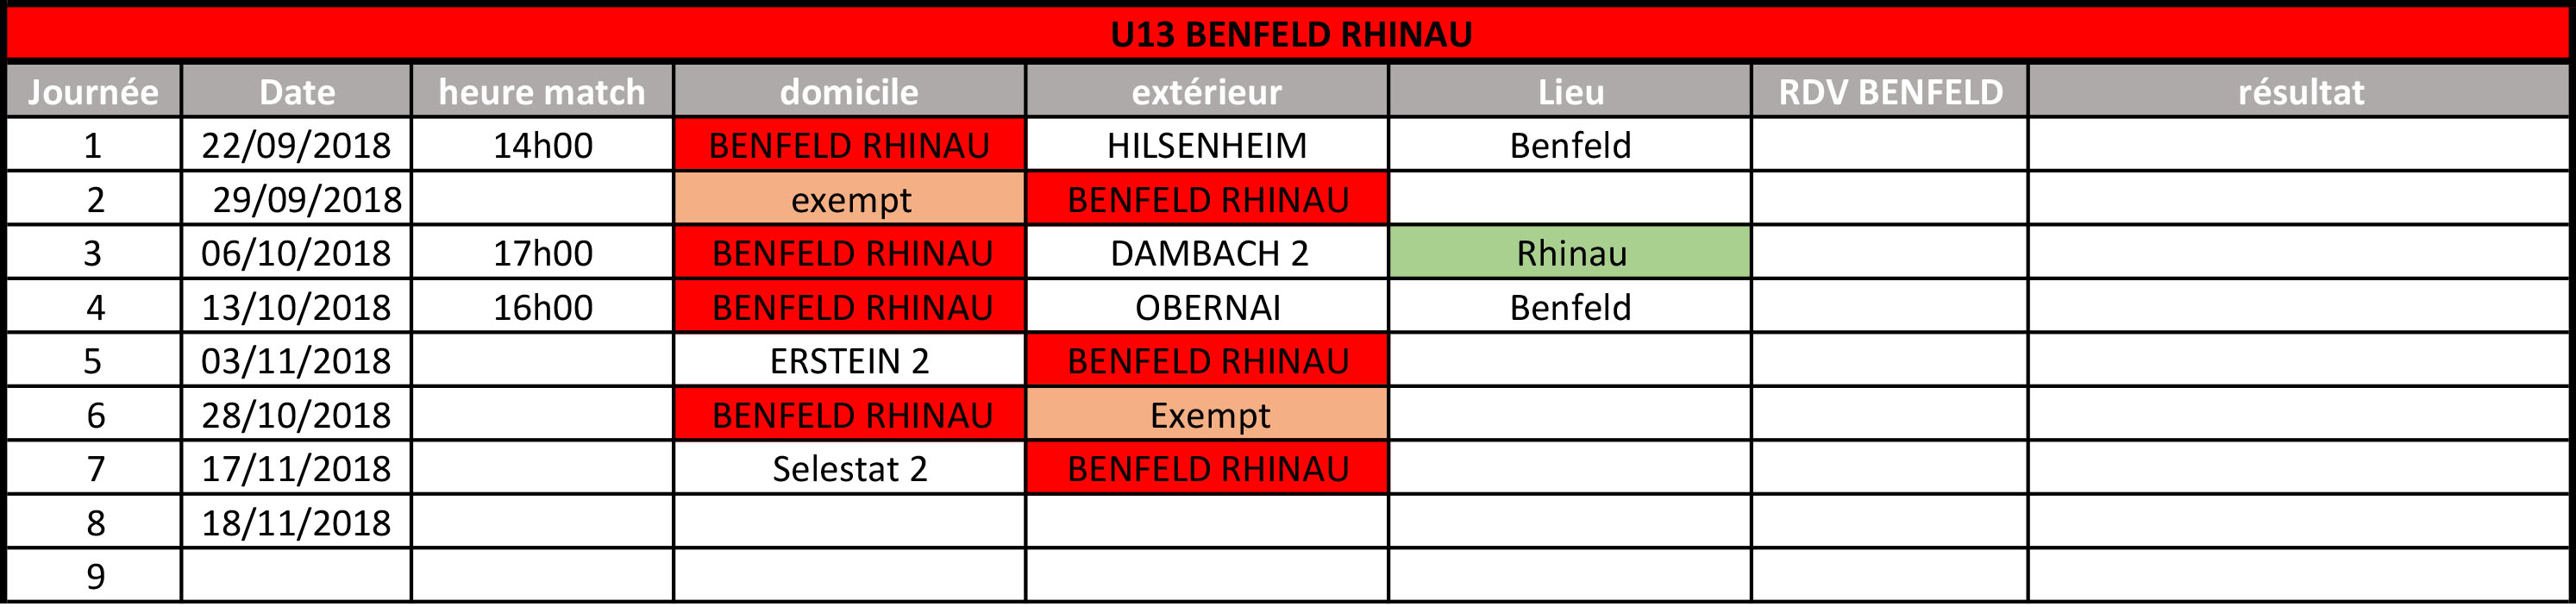 Calendrier U13 2 Benfeld Rhinau.jpg